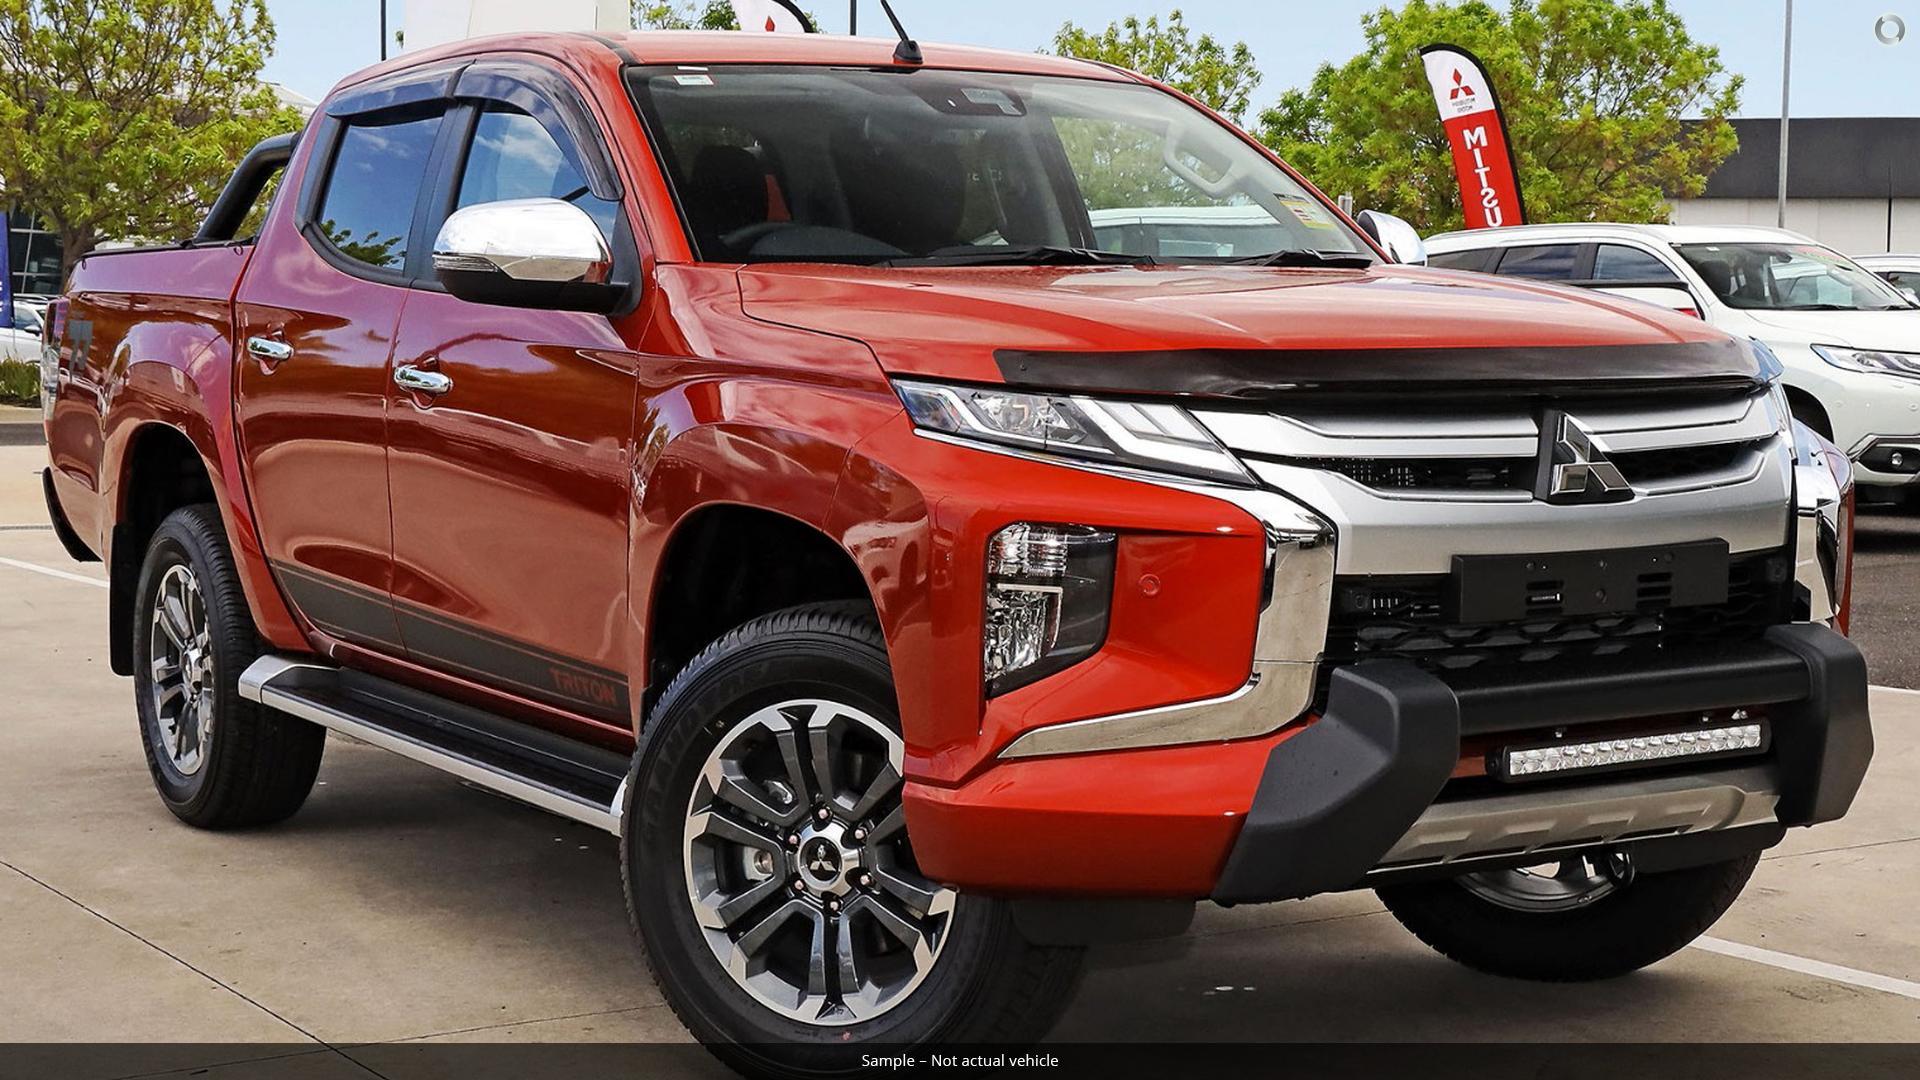 2019 Mitsubishi Triton Toby Price Edition MR